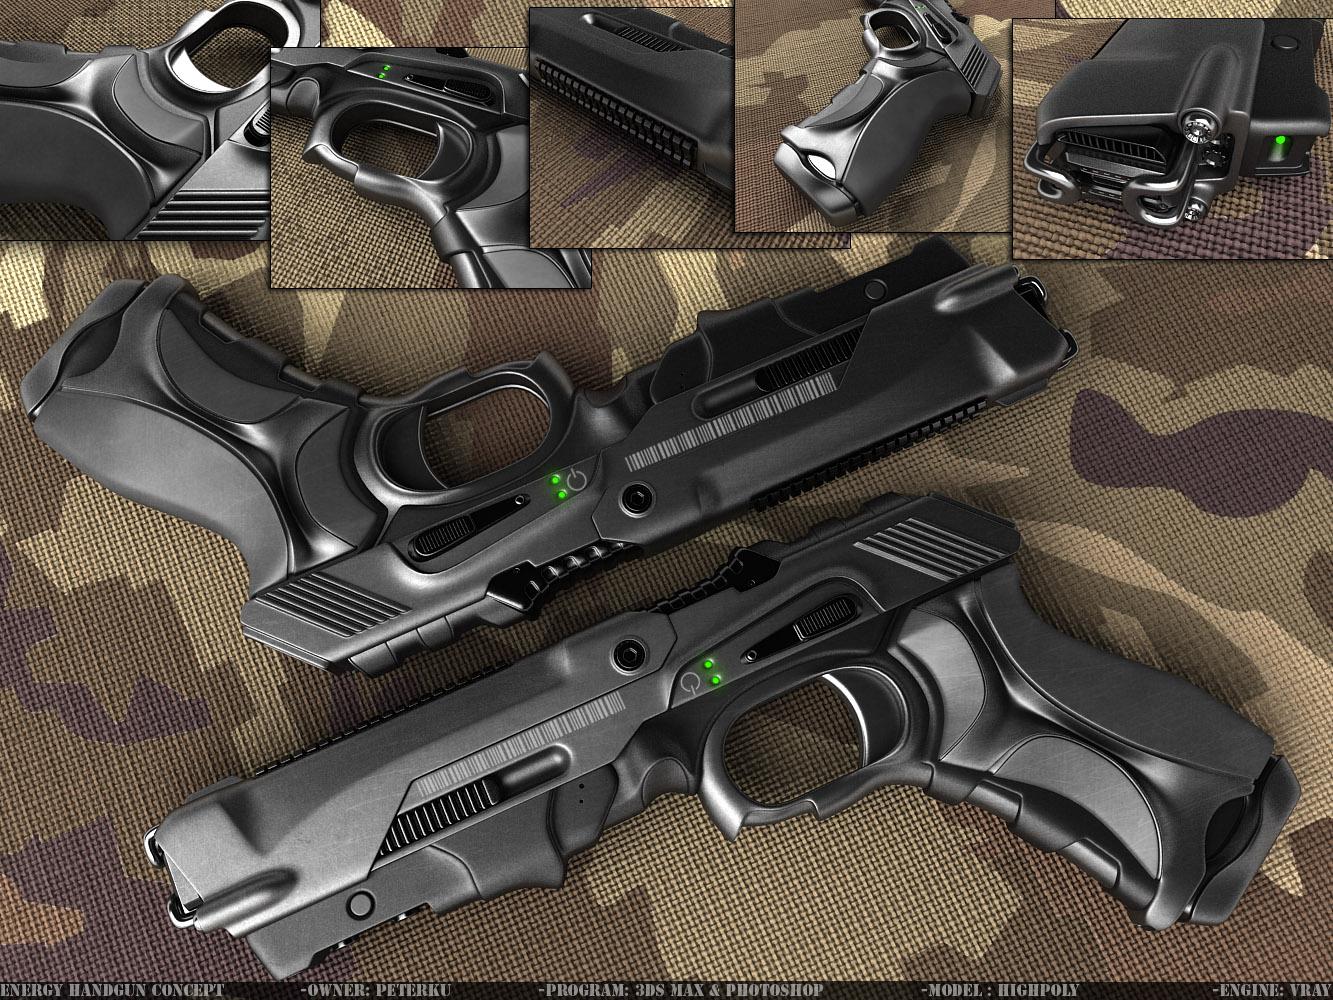 Lista de Armas, Blindaje y Munición [Extendida] Hxiv